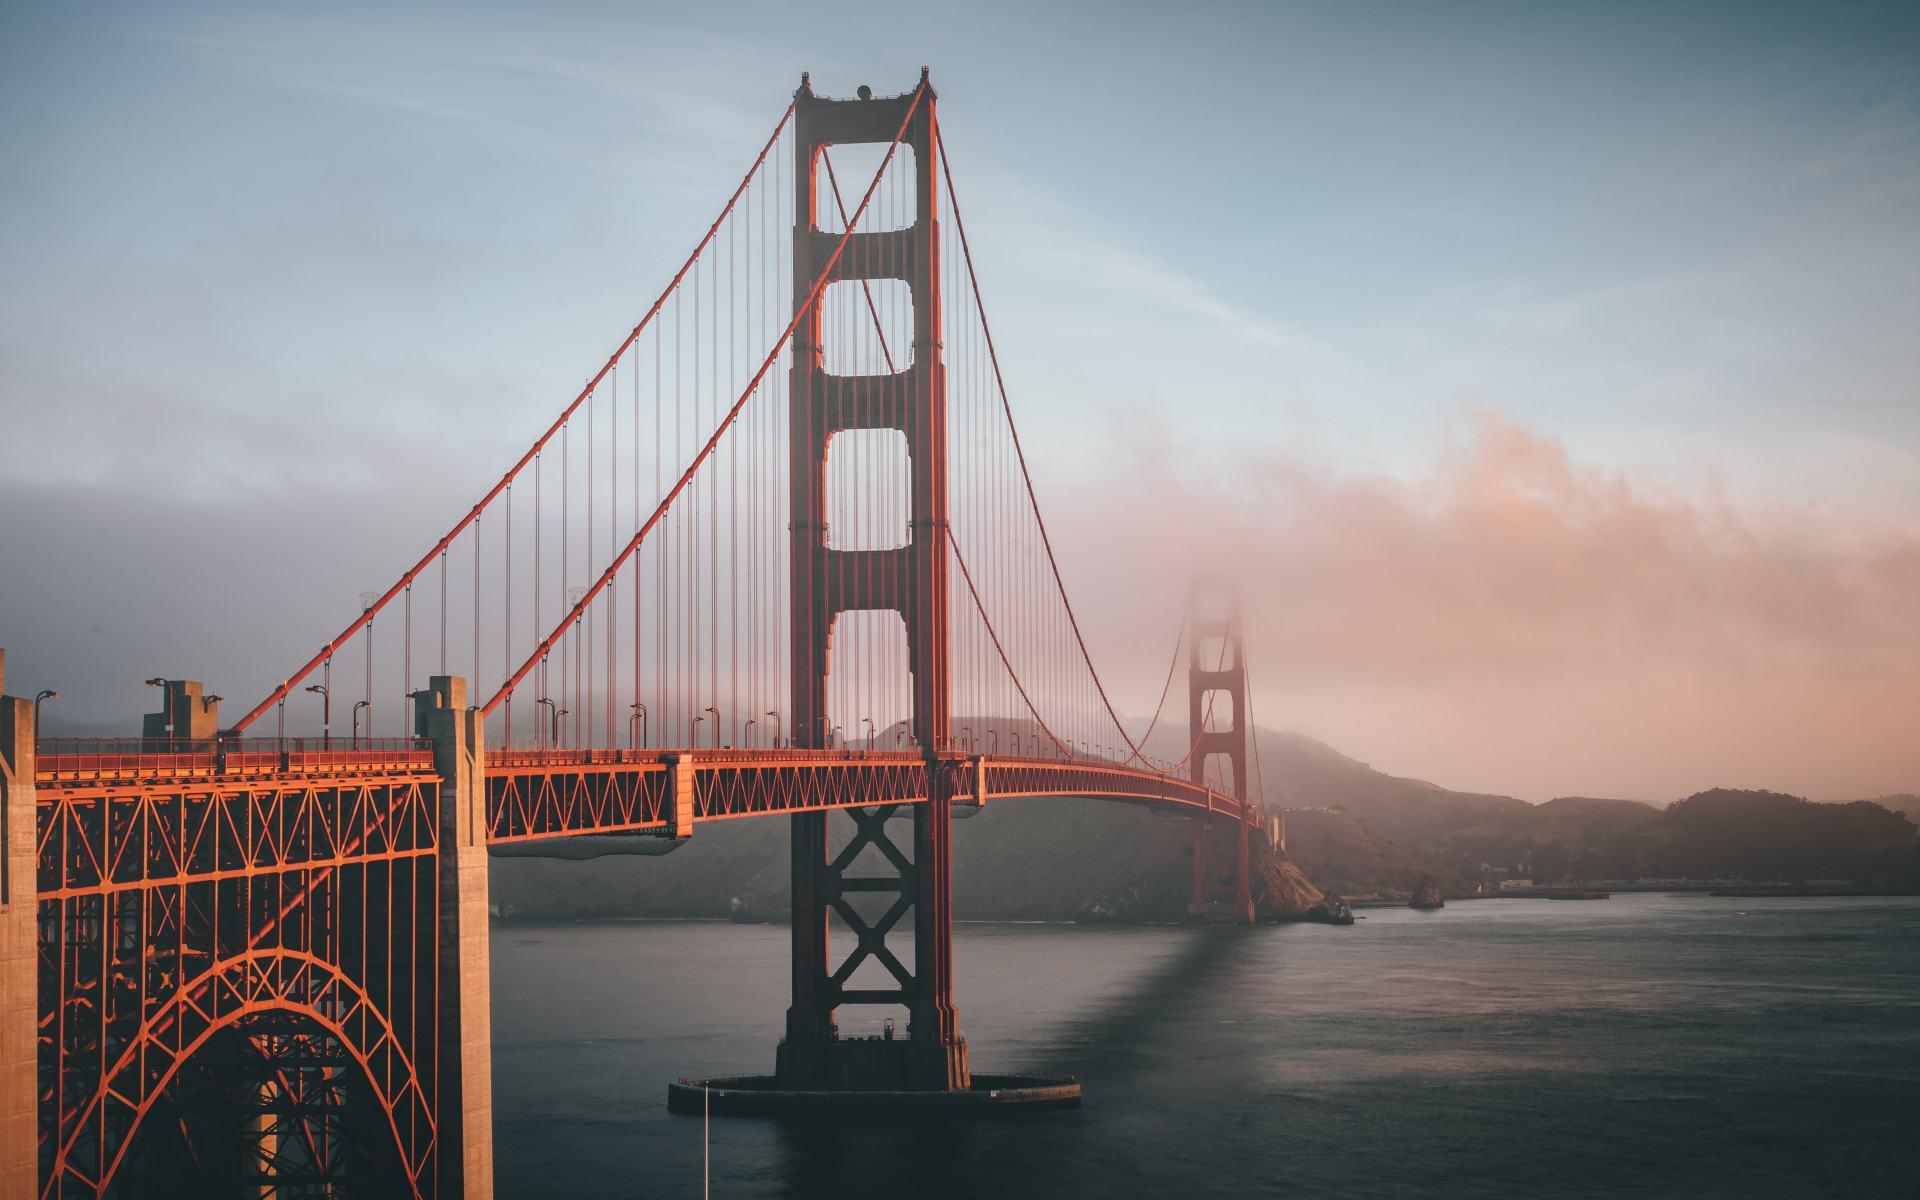 golden-gate-bridge-san-francisco-california-1141853